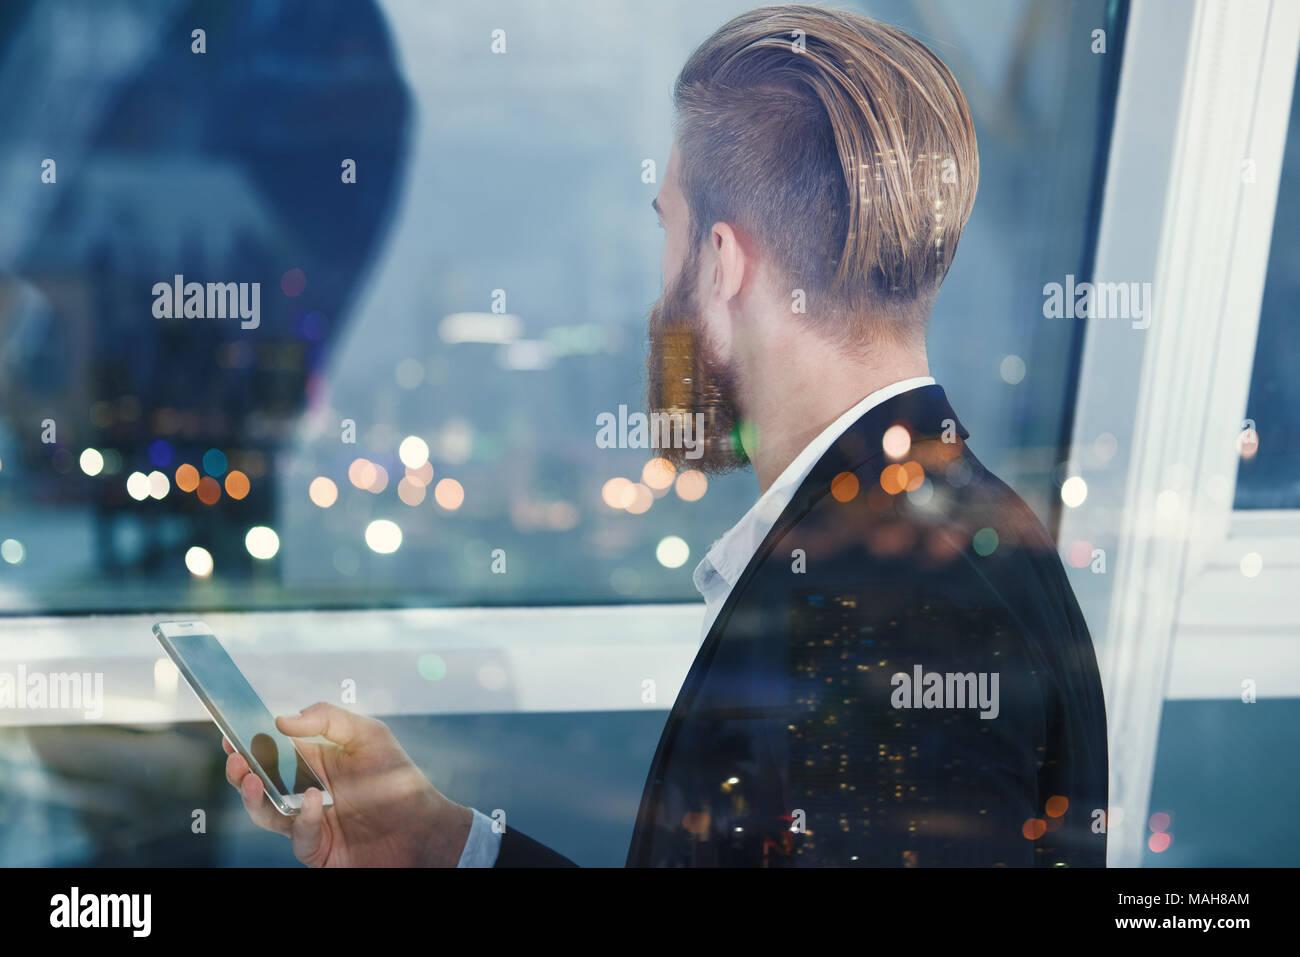 Imprenditore guarda lontano per il futuro nella notte. Concetto di innovazione e startup Foto Stock